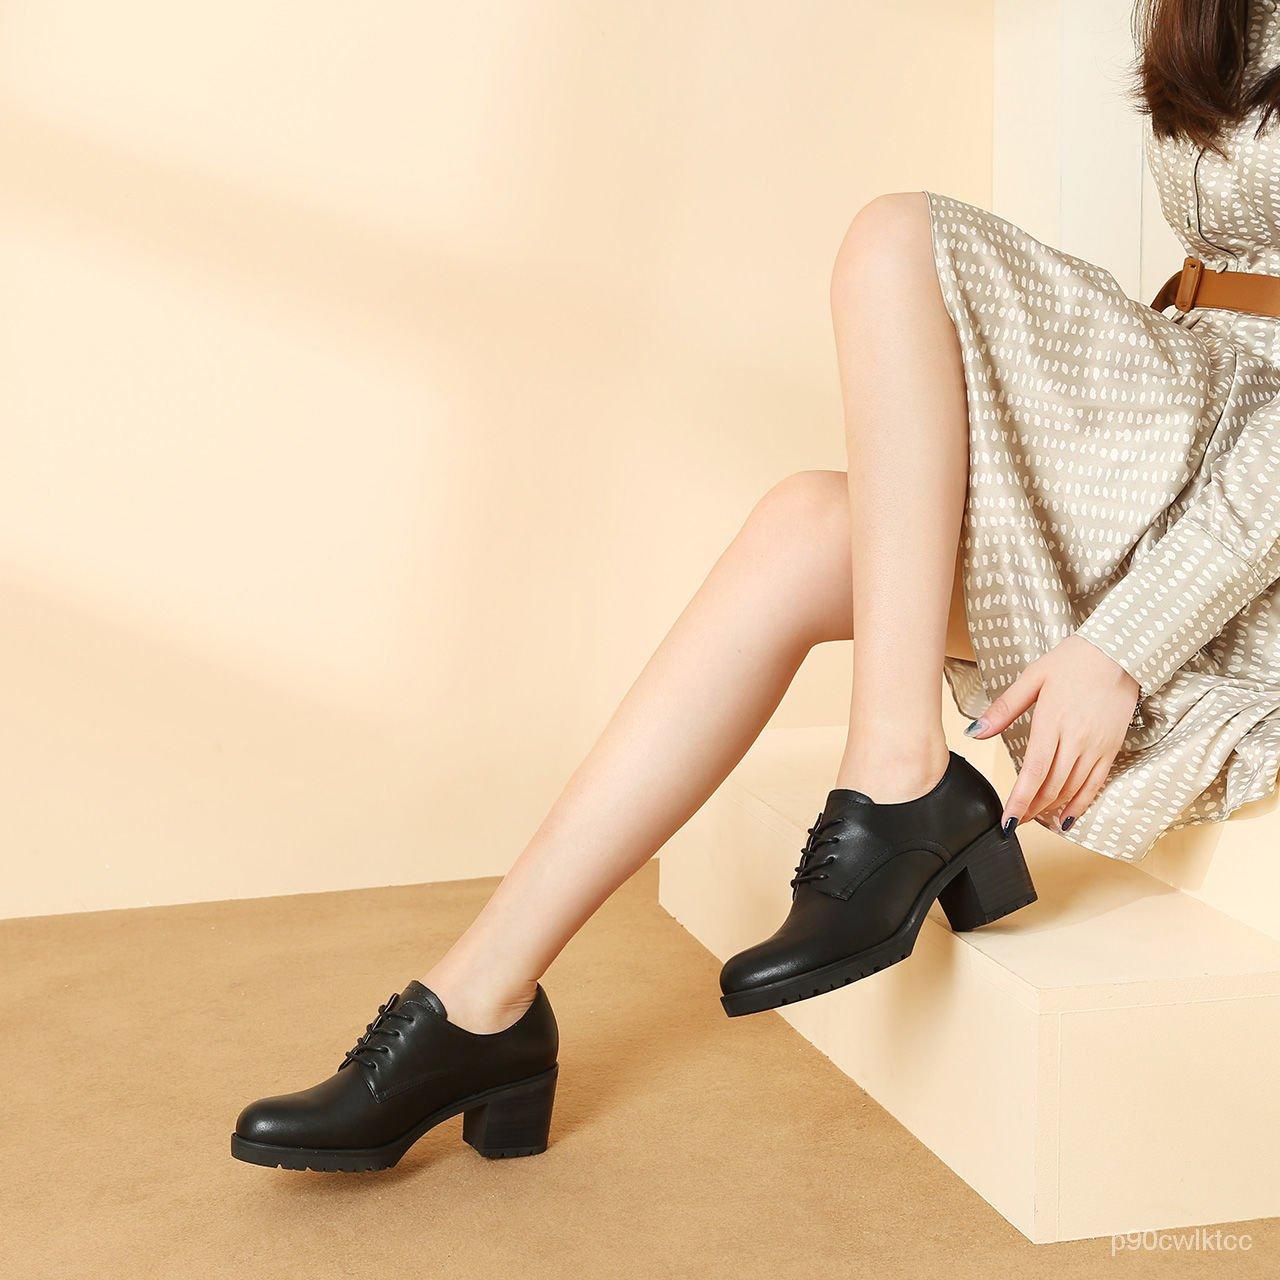 รองเท้าคัชชูส้นเตารีด รองเท้าผู้หญิงรองเท้าหนังสีดำรองเท้าผู้หญิงมืออาชีพรองเท้าผู้หญิงหนากับรองเท้าผู้หญิงรองเท้าลิ่มบว